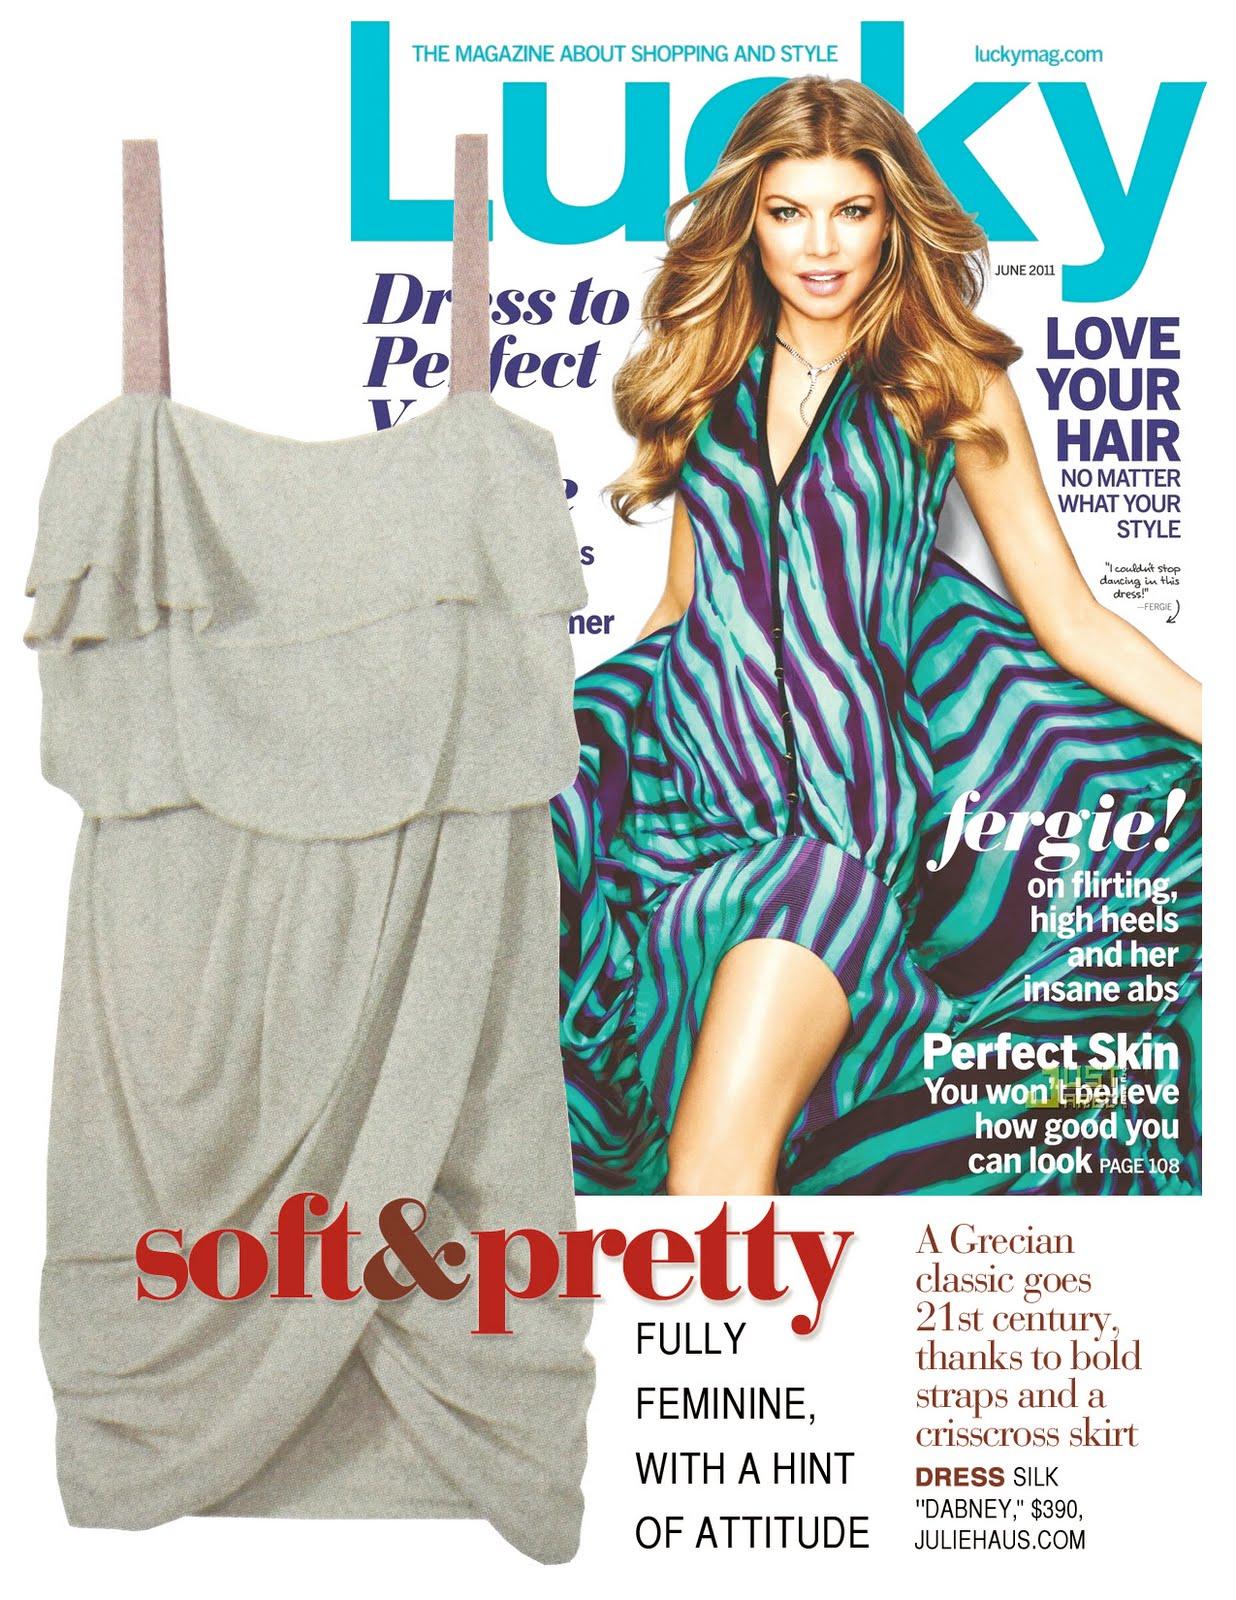 Lucky Magazine May 11: The Globe Showroom: June 2011